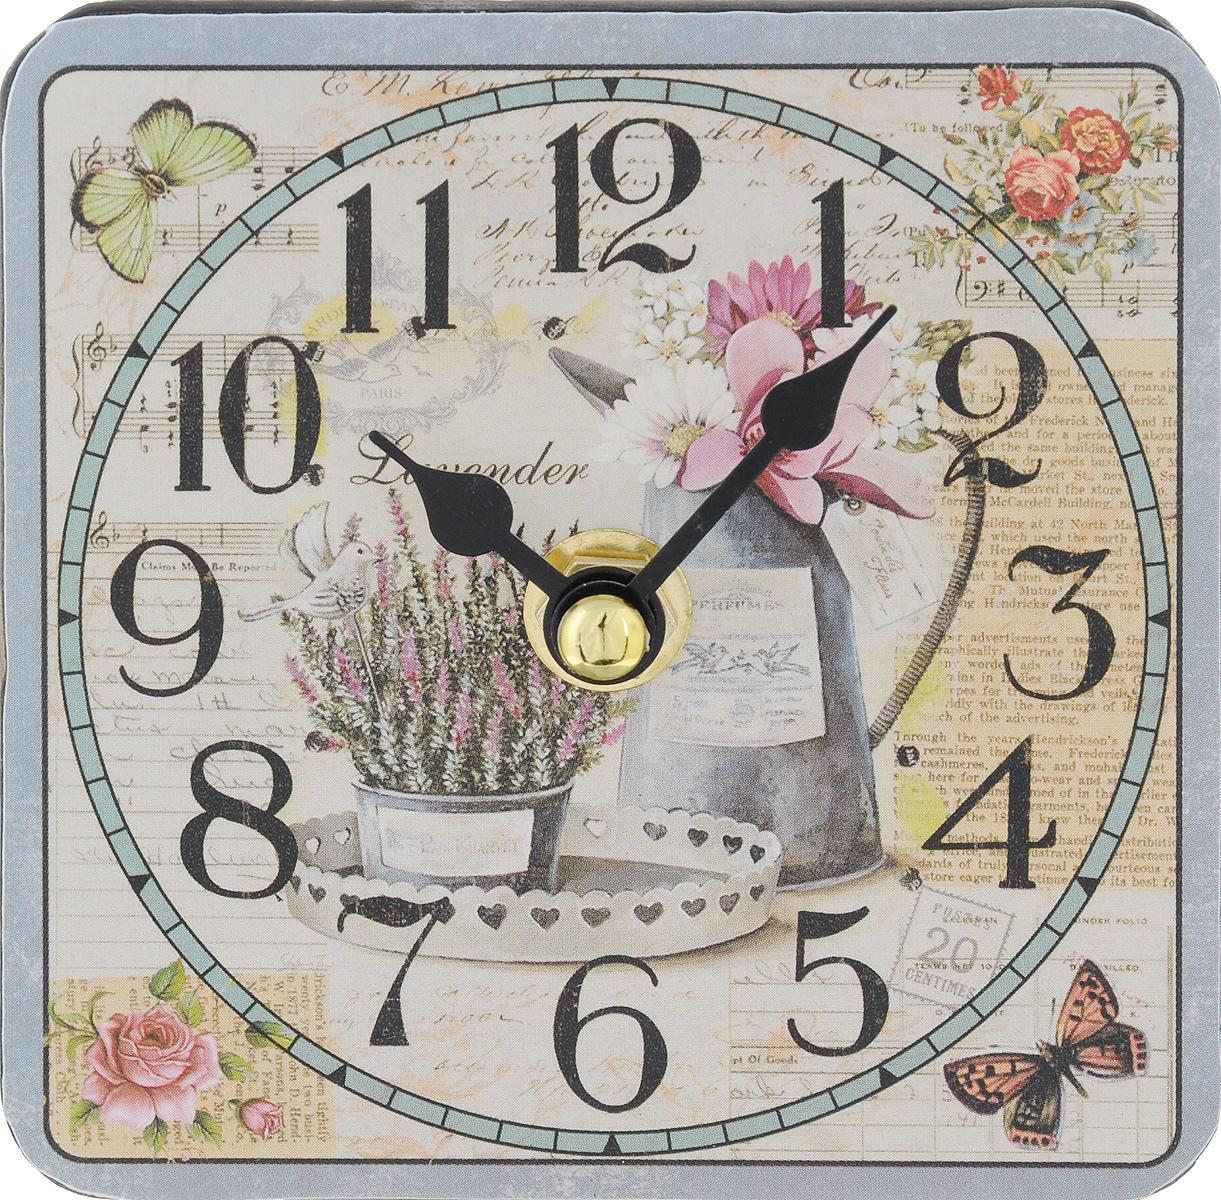 Часы настольные Феникс-Презент Лаванда и кувшин, 10 х 1040729Настольные часы квадратной формы Феникс-Презент Лаванда и кувшин своим эксклюзивным дизайном подчеркнут оригинальность интерьера вашего дома. Циферблат оформлен цветным рисунком. Часы выполнены из МДФ. МДФ (мелкодисперсные фракции) представляет собой плиту из запрессованной вакуумным способом деревянной пыли и является наиболее экологически чистым материалом среди себе подобных. Часы имеют две стрелки - часовую и минутную. Настольные часы Феникс-Презент Лаванда и кувшин подходят для кухни, гостиной, прихожей или дачи, а также могут стать отличным подарком для друзей и близких. ВНИМАНИЕ!!! Часы работают от сменной батареи типа АА 1,5V (в комплект не входит).